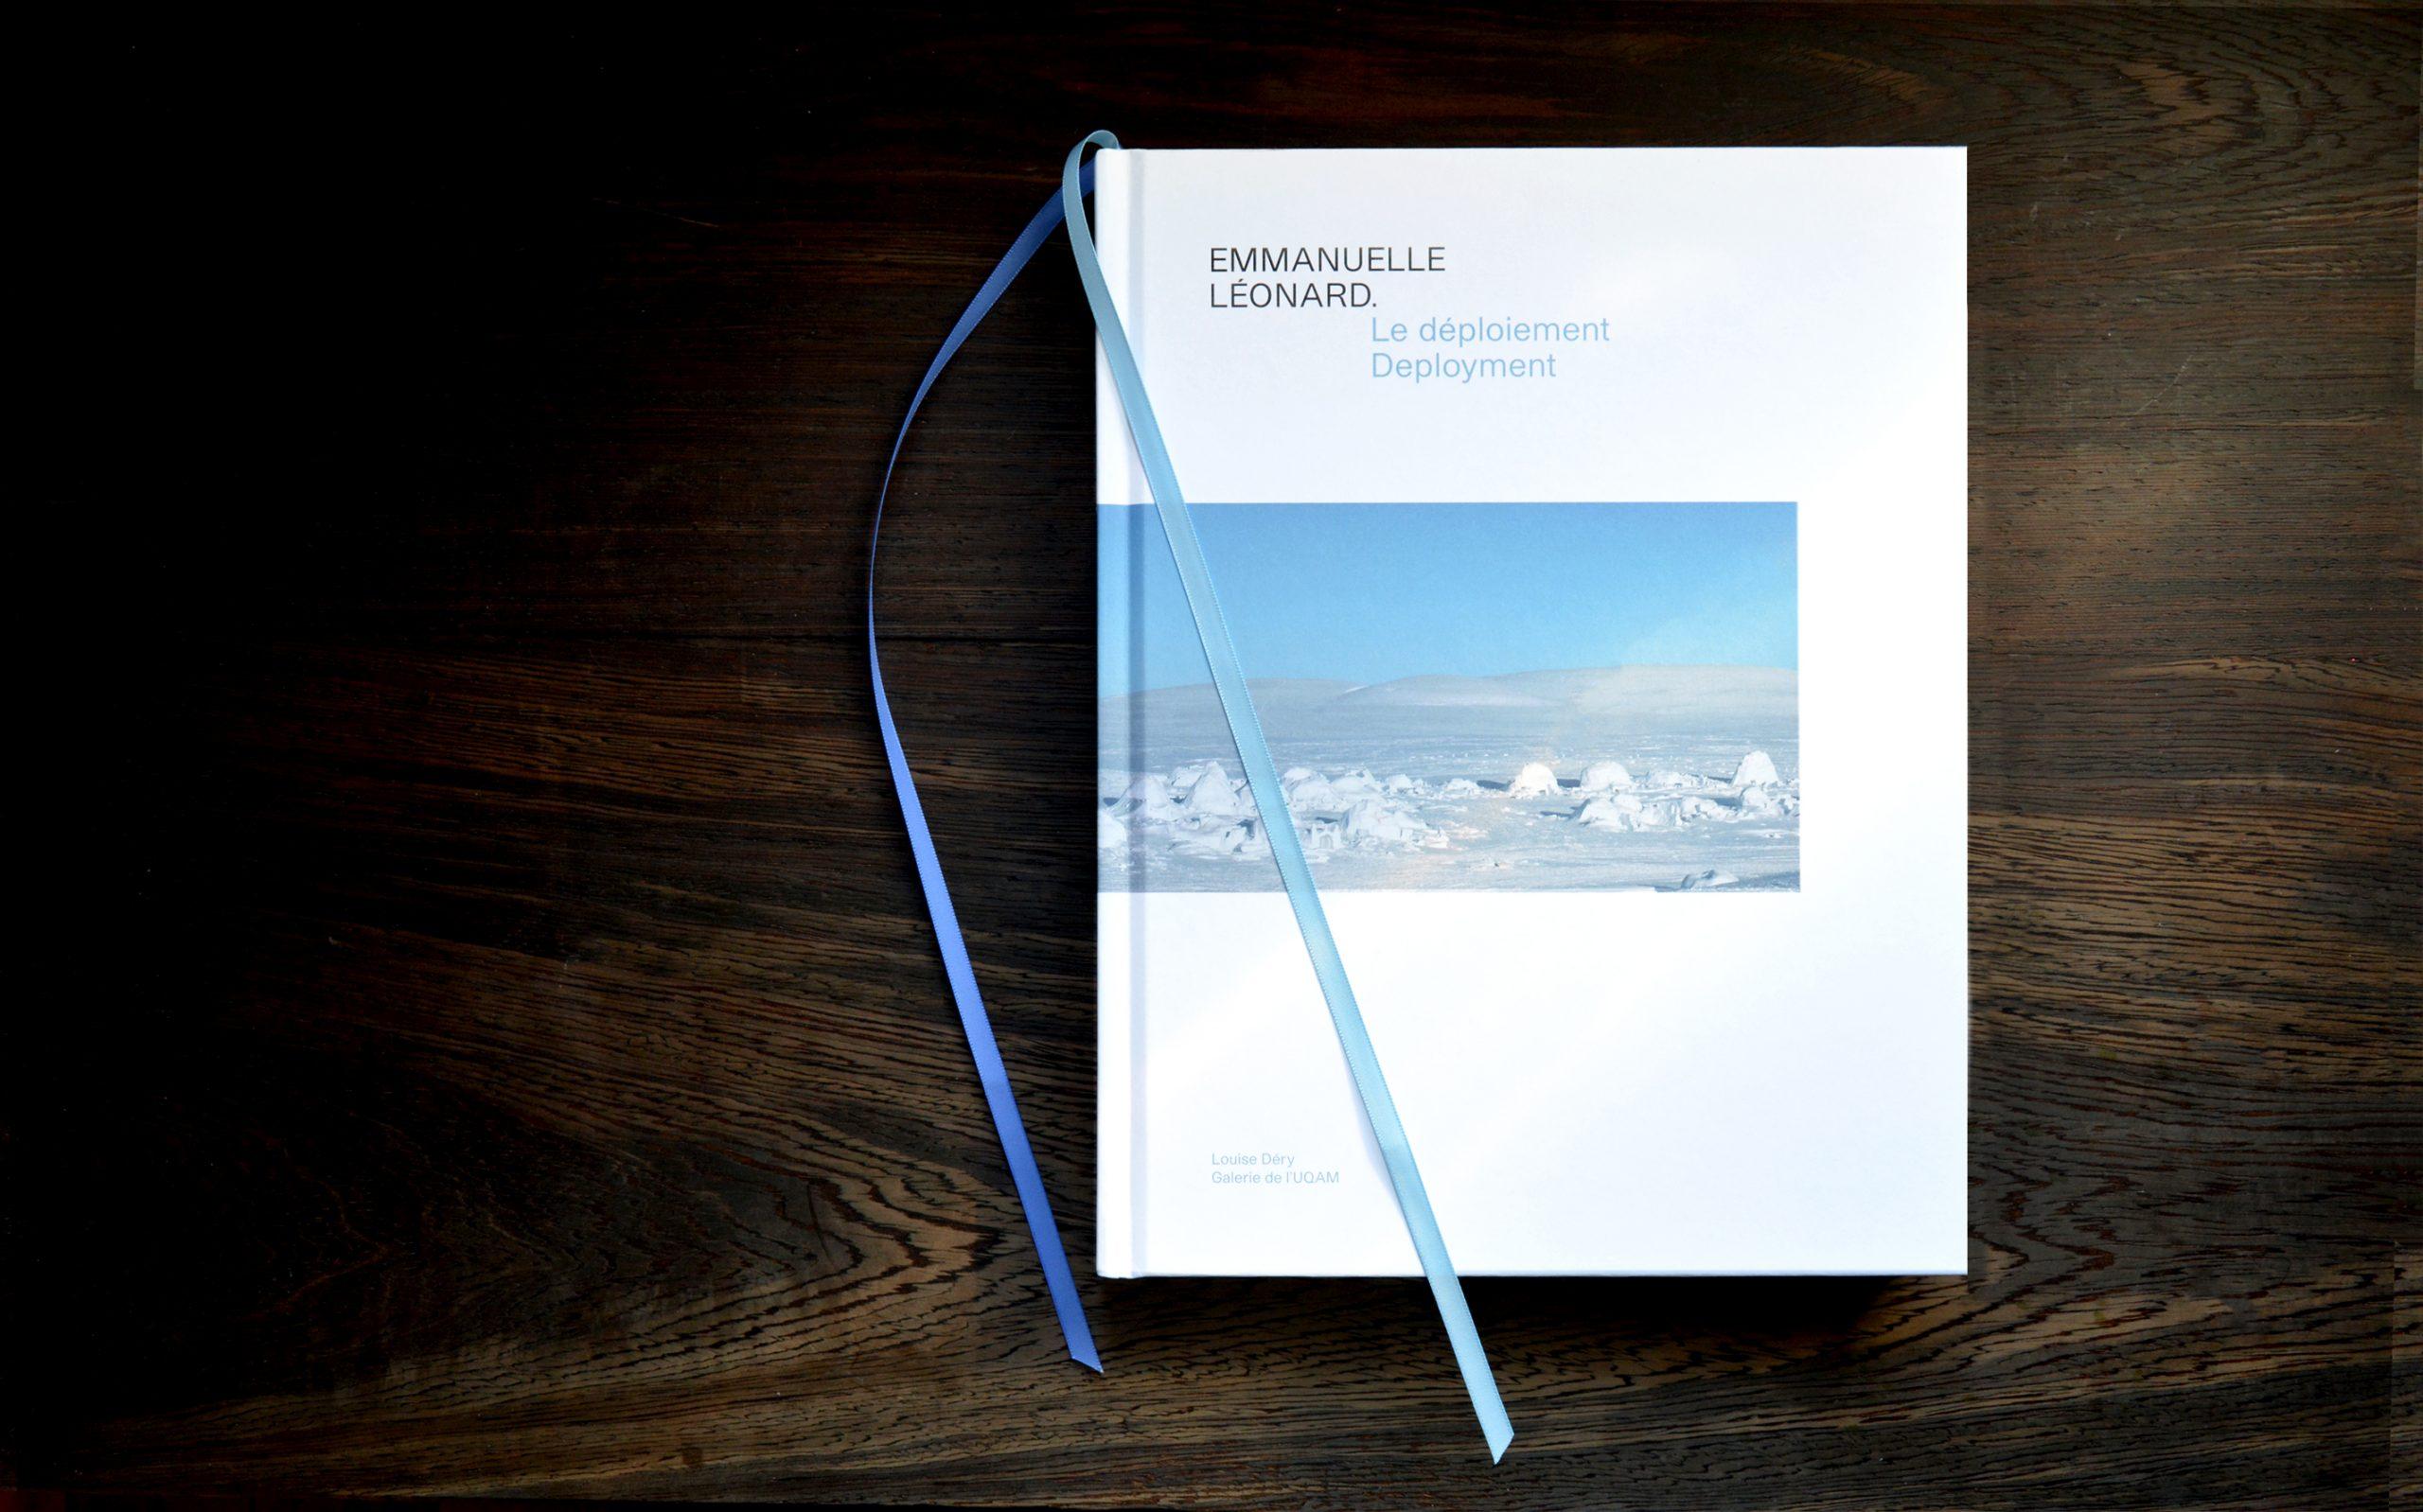 Le Déploiement — Emmanuelle Léonard